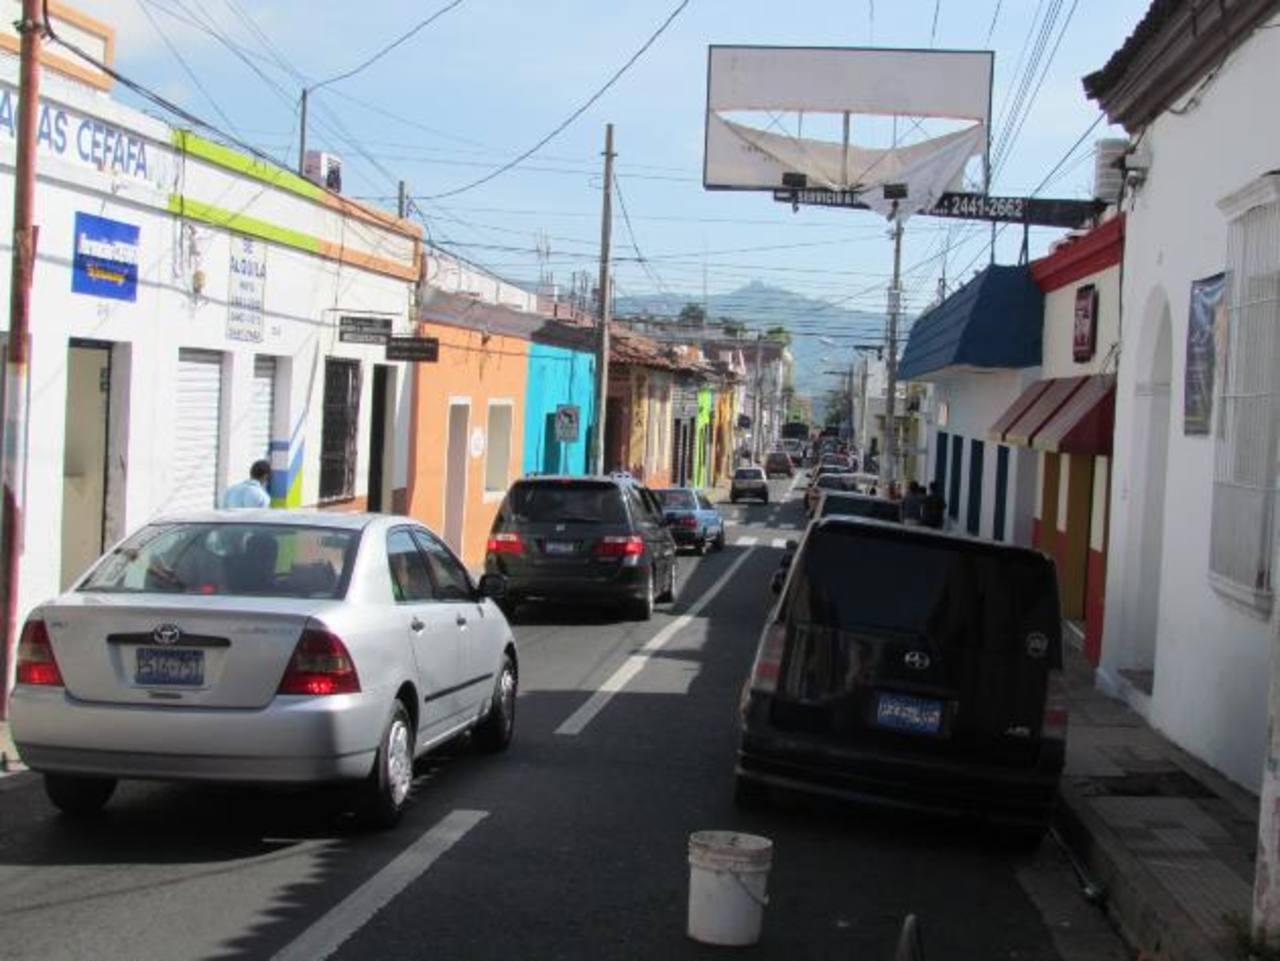 En la Avenida Independencia aún falta retirar tres rótulos grandes. Foto EDH / Mauricio GuevaraAsí lucía la Avenida Independencia antes de la aplicación de la ordenanza que busca eliminar la contaminación visual.